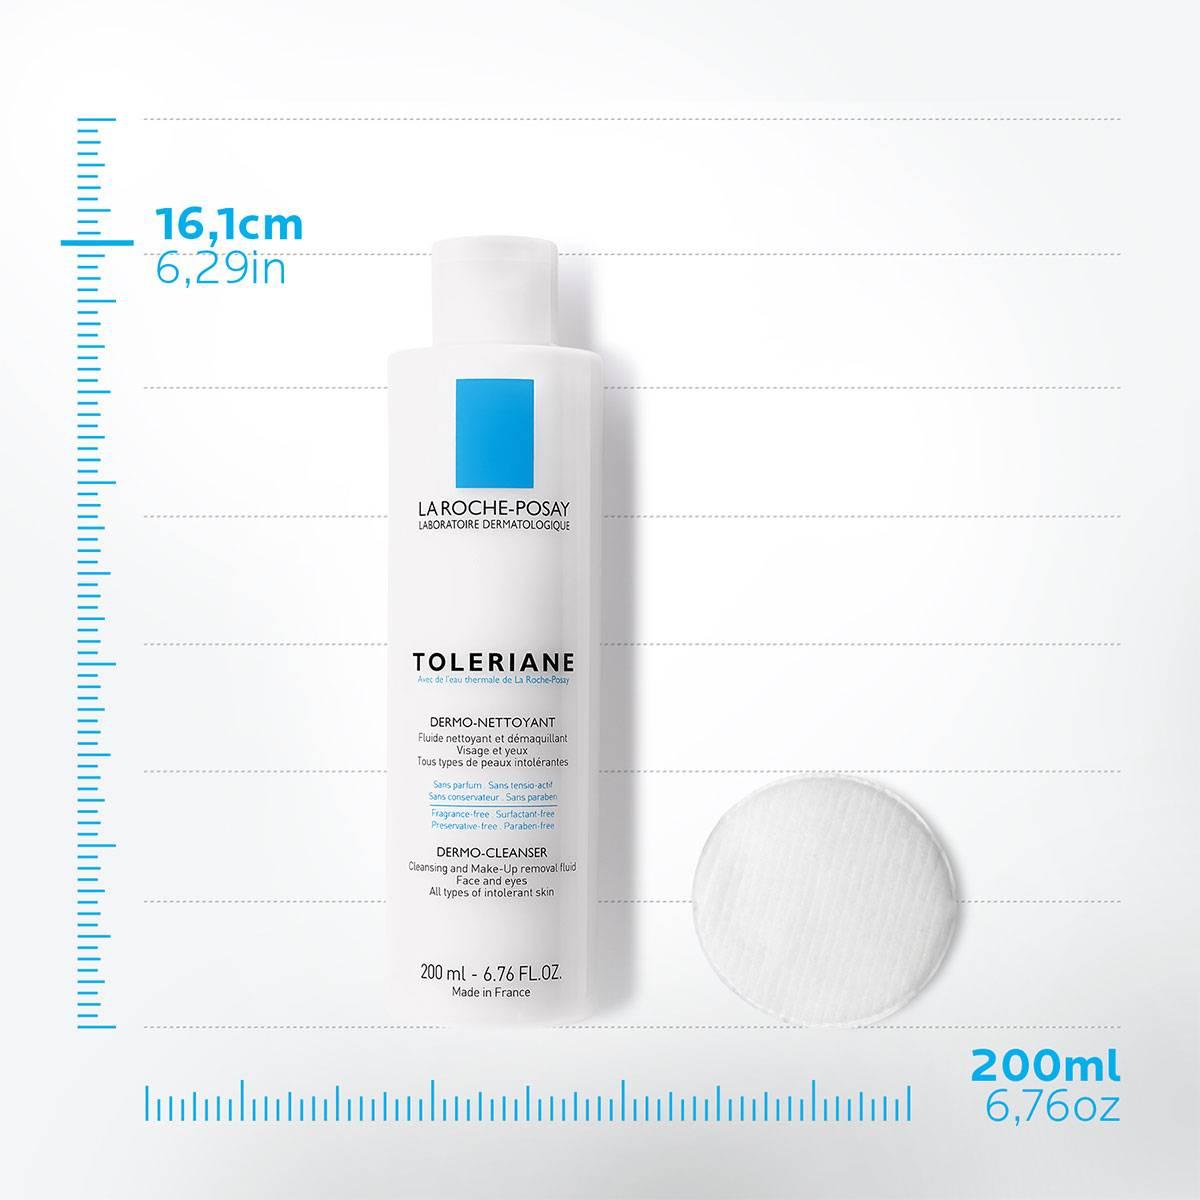 La Roche Posay Tuotesivu Herkkä atopiaan taipuvainen Toleriane Dermo Cleanser